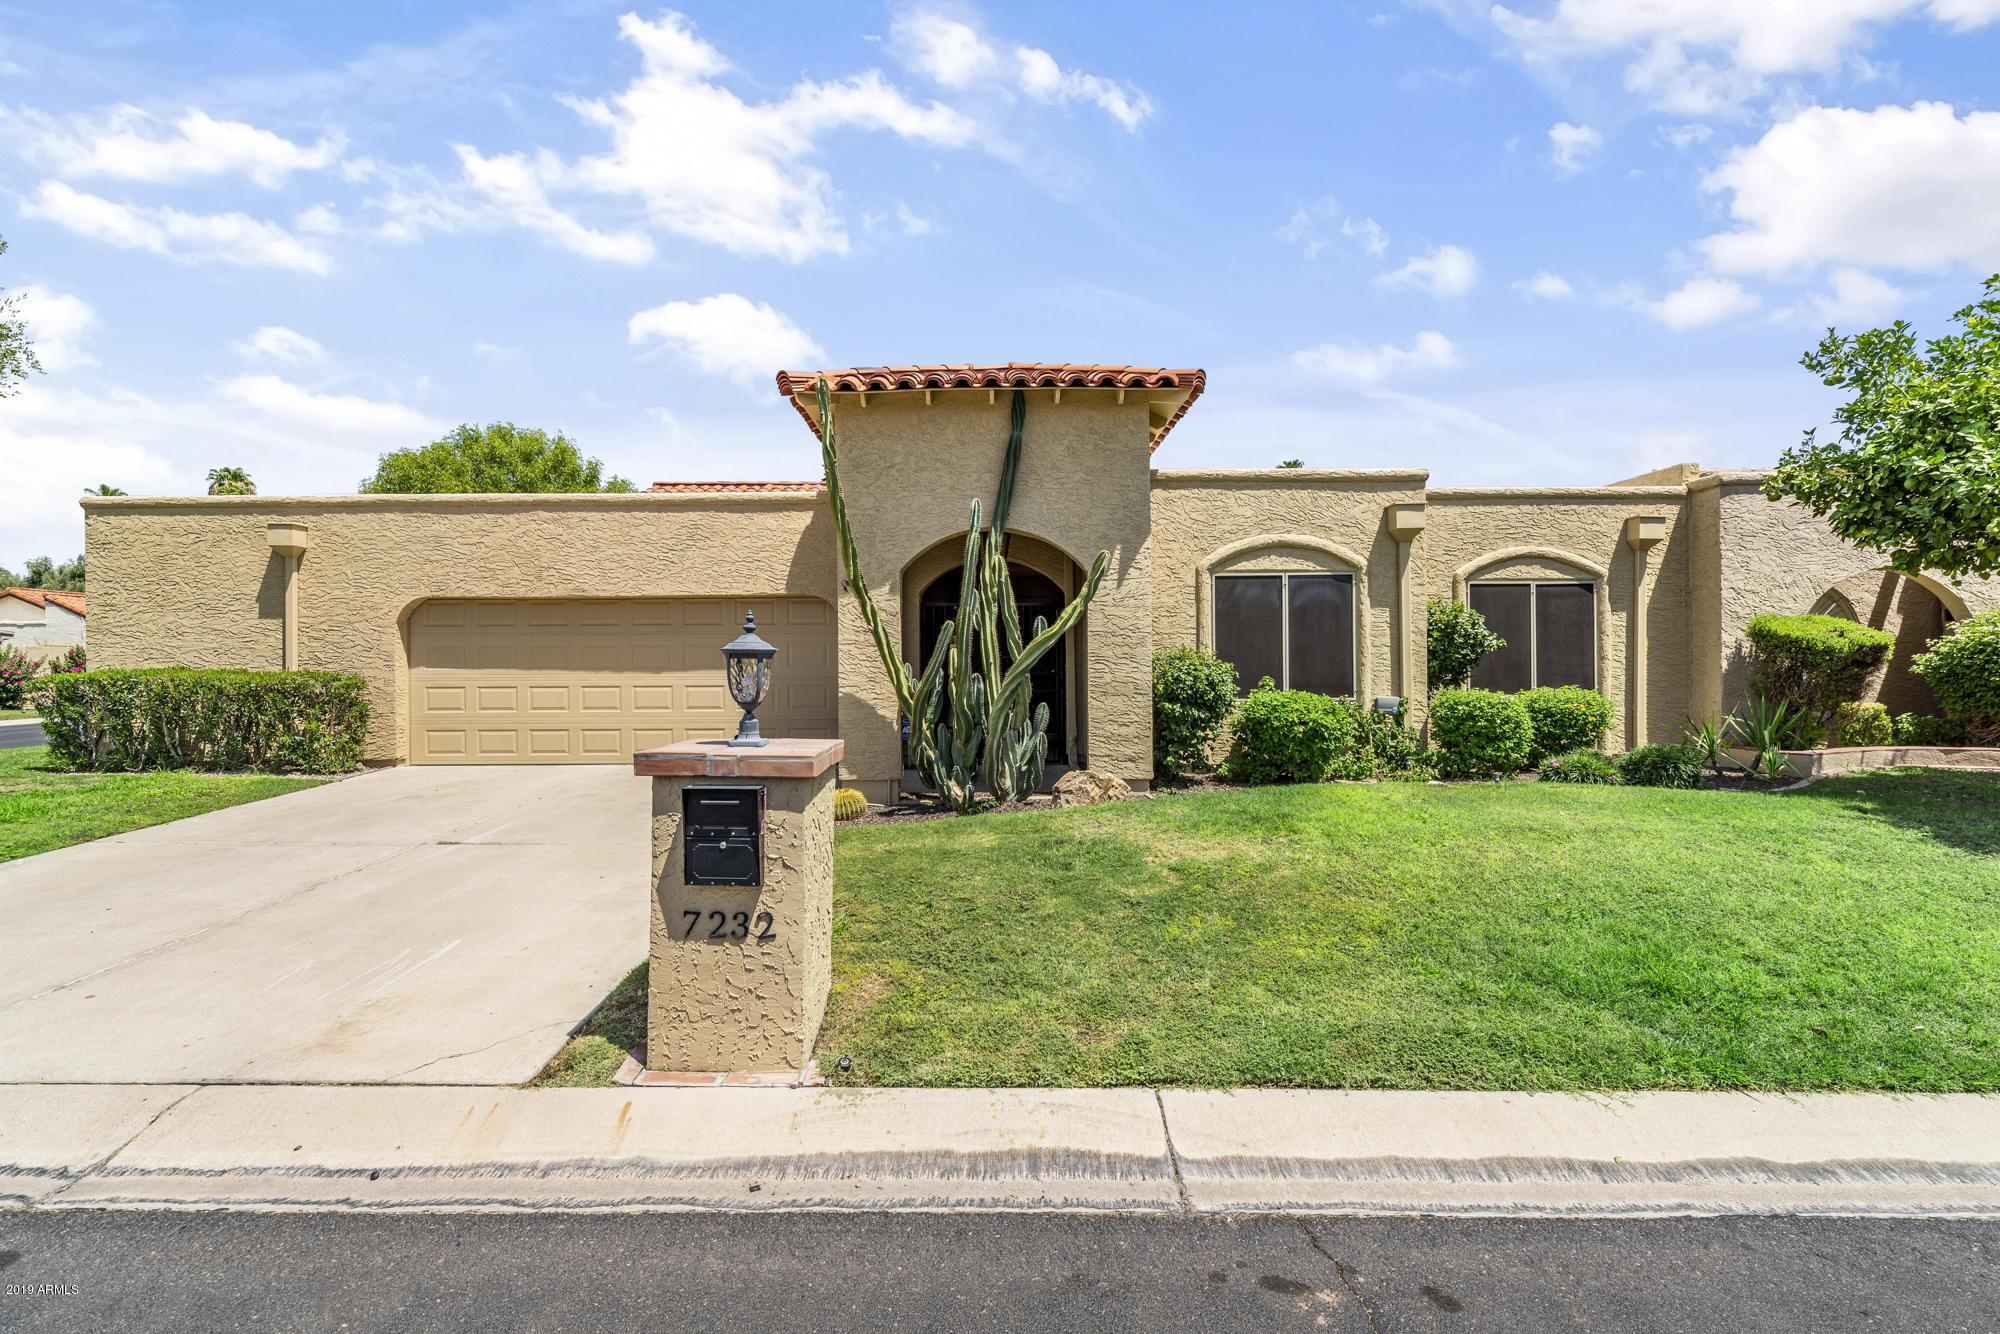 MLS 5959211 7232 E MONTEBELLO Avenue, Scottsdale, AZ 85250 Scottsdale AZ Briarwood